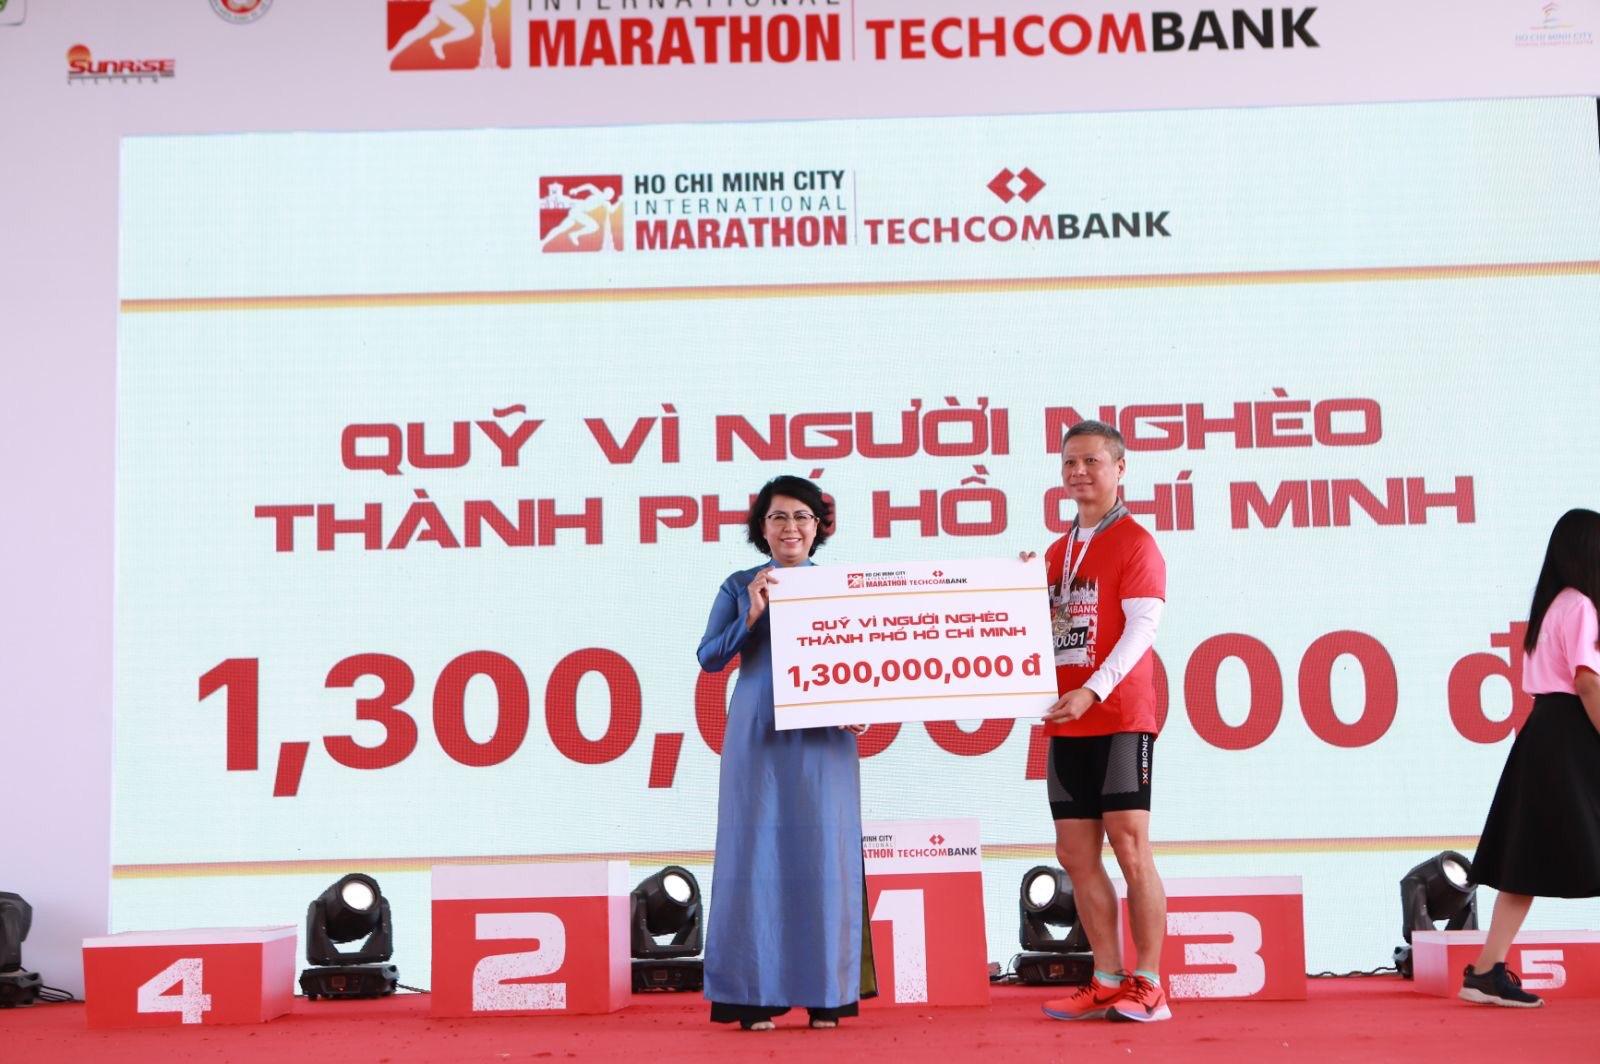 """Hành trình lan tỏa """"vượt trội hơn mỗi ngày"""" cùng giải Marathon Quốc tế TP. HCM Techcombank 2019  - Ảnh 2"""